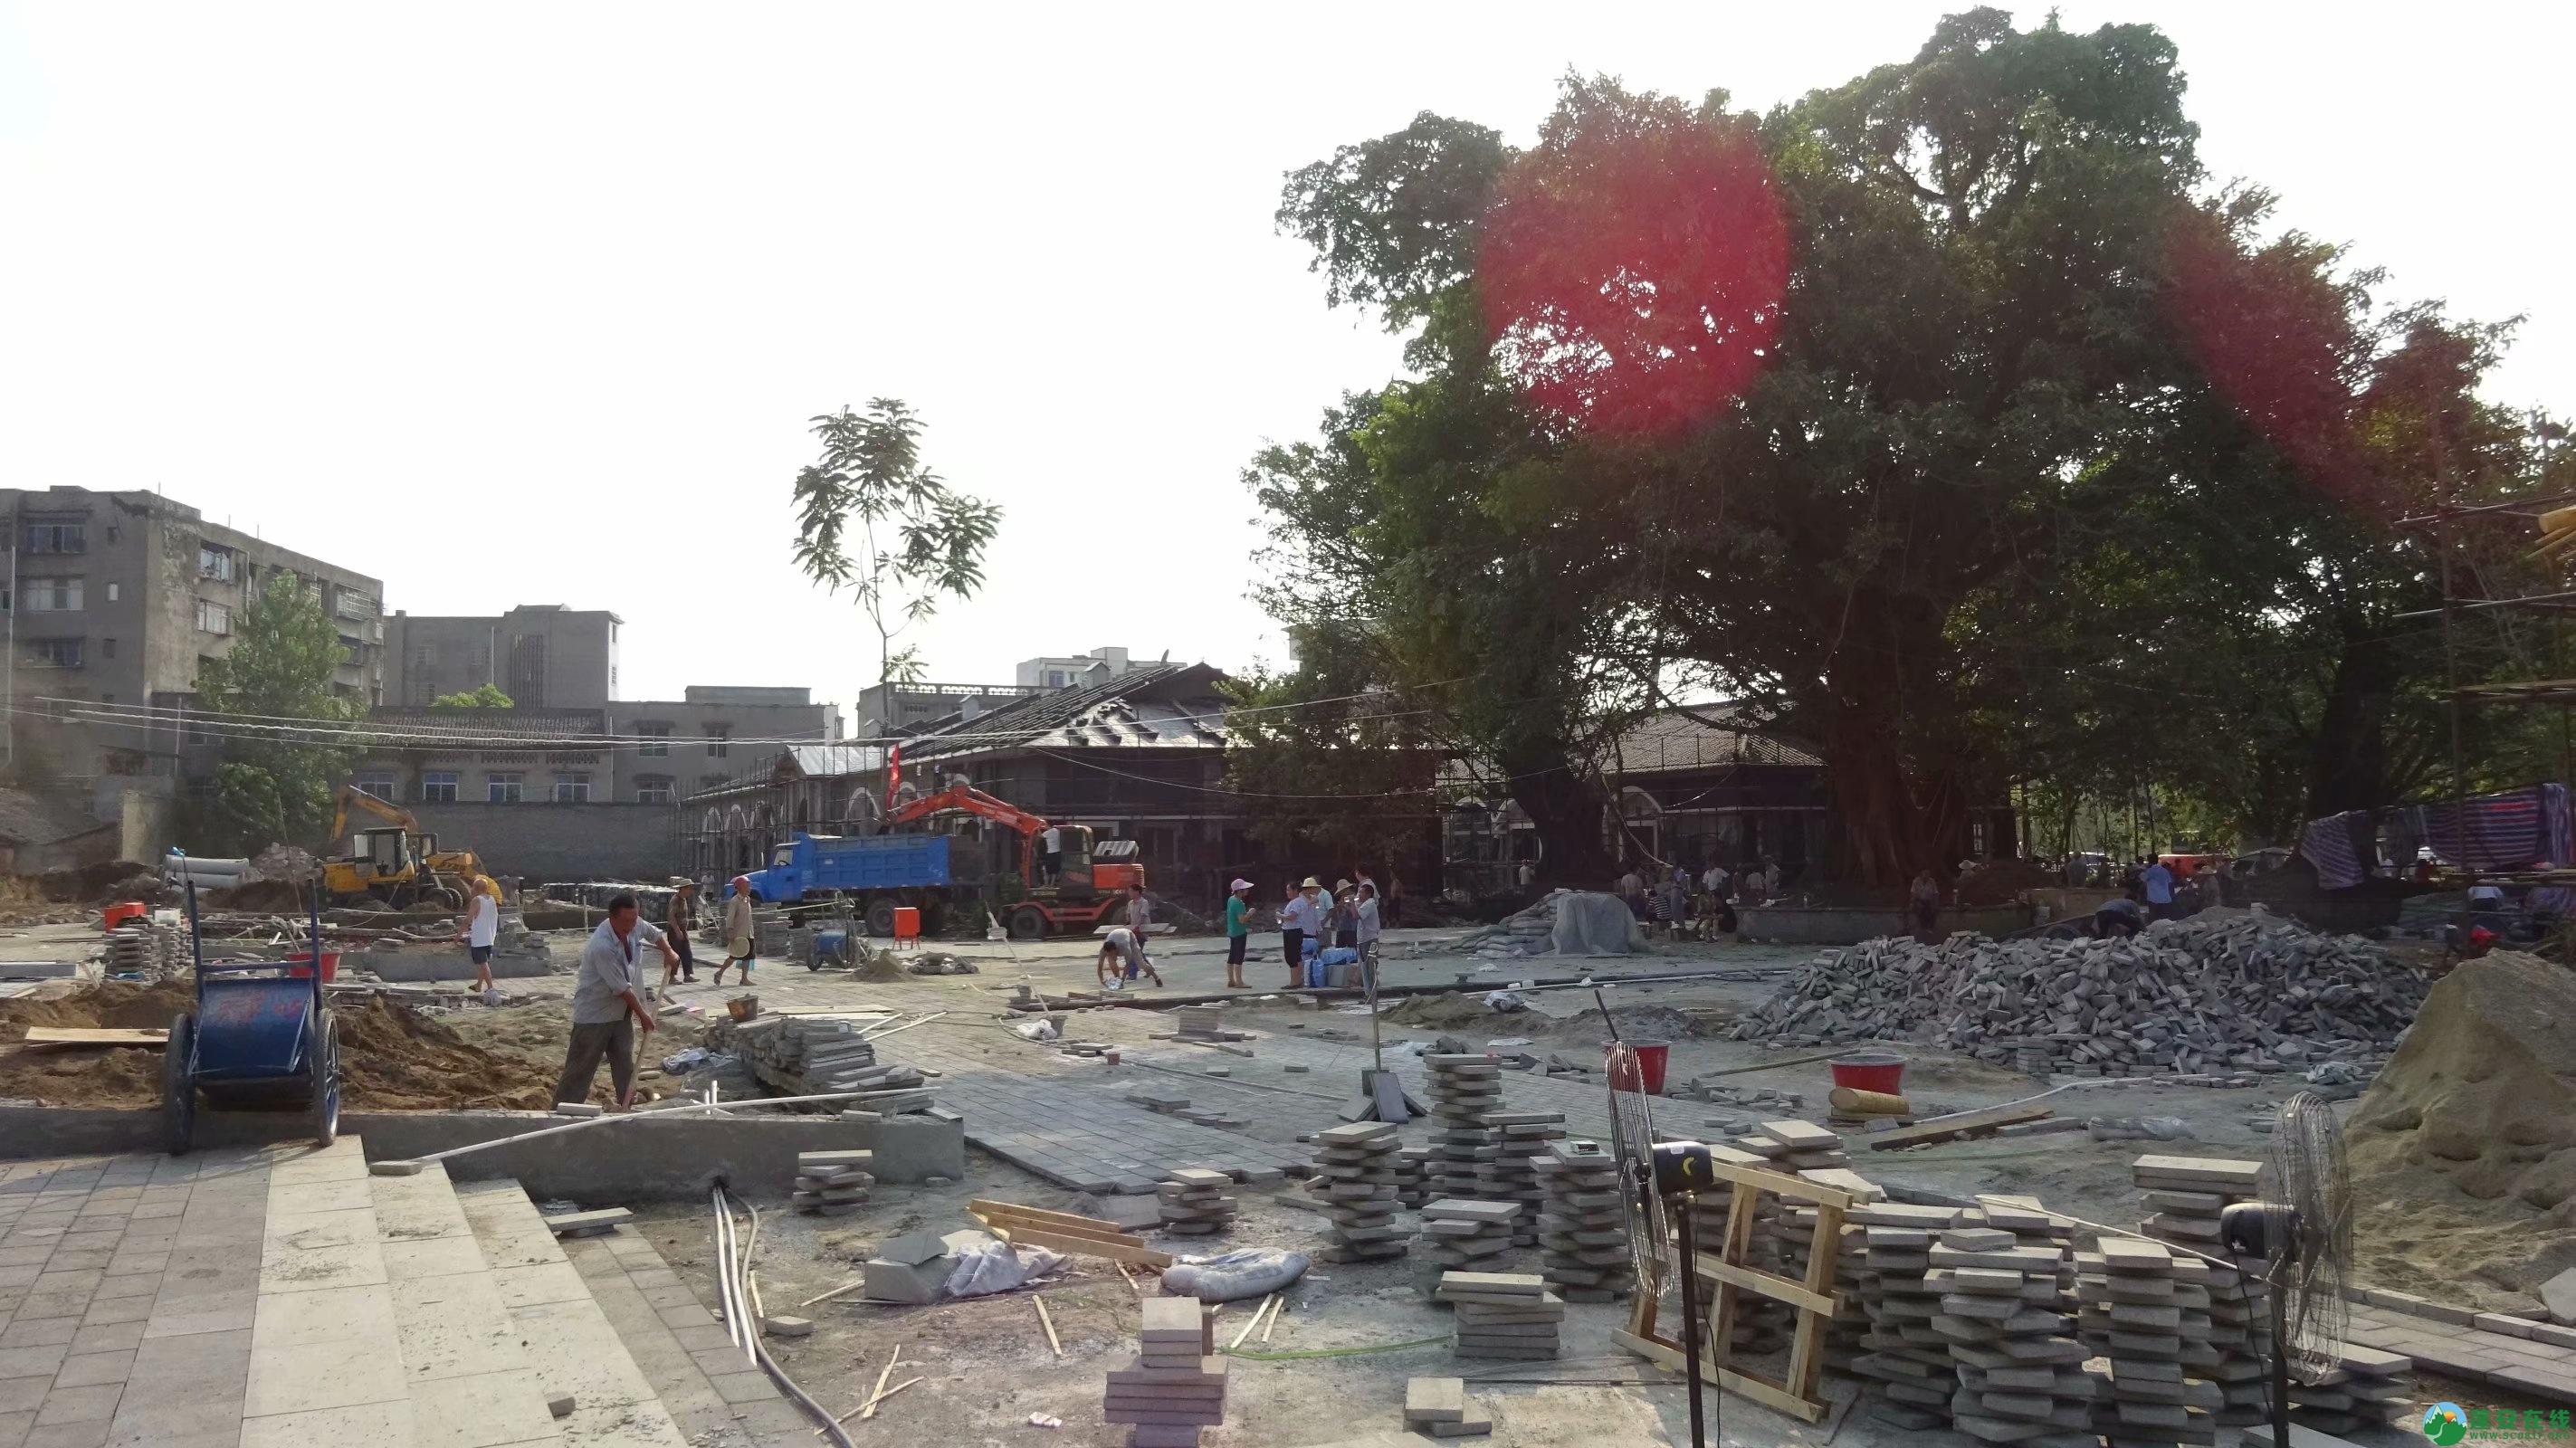 蓬安锦屏相如故城建设迅猛 - 第55张  | 蓬安在线